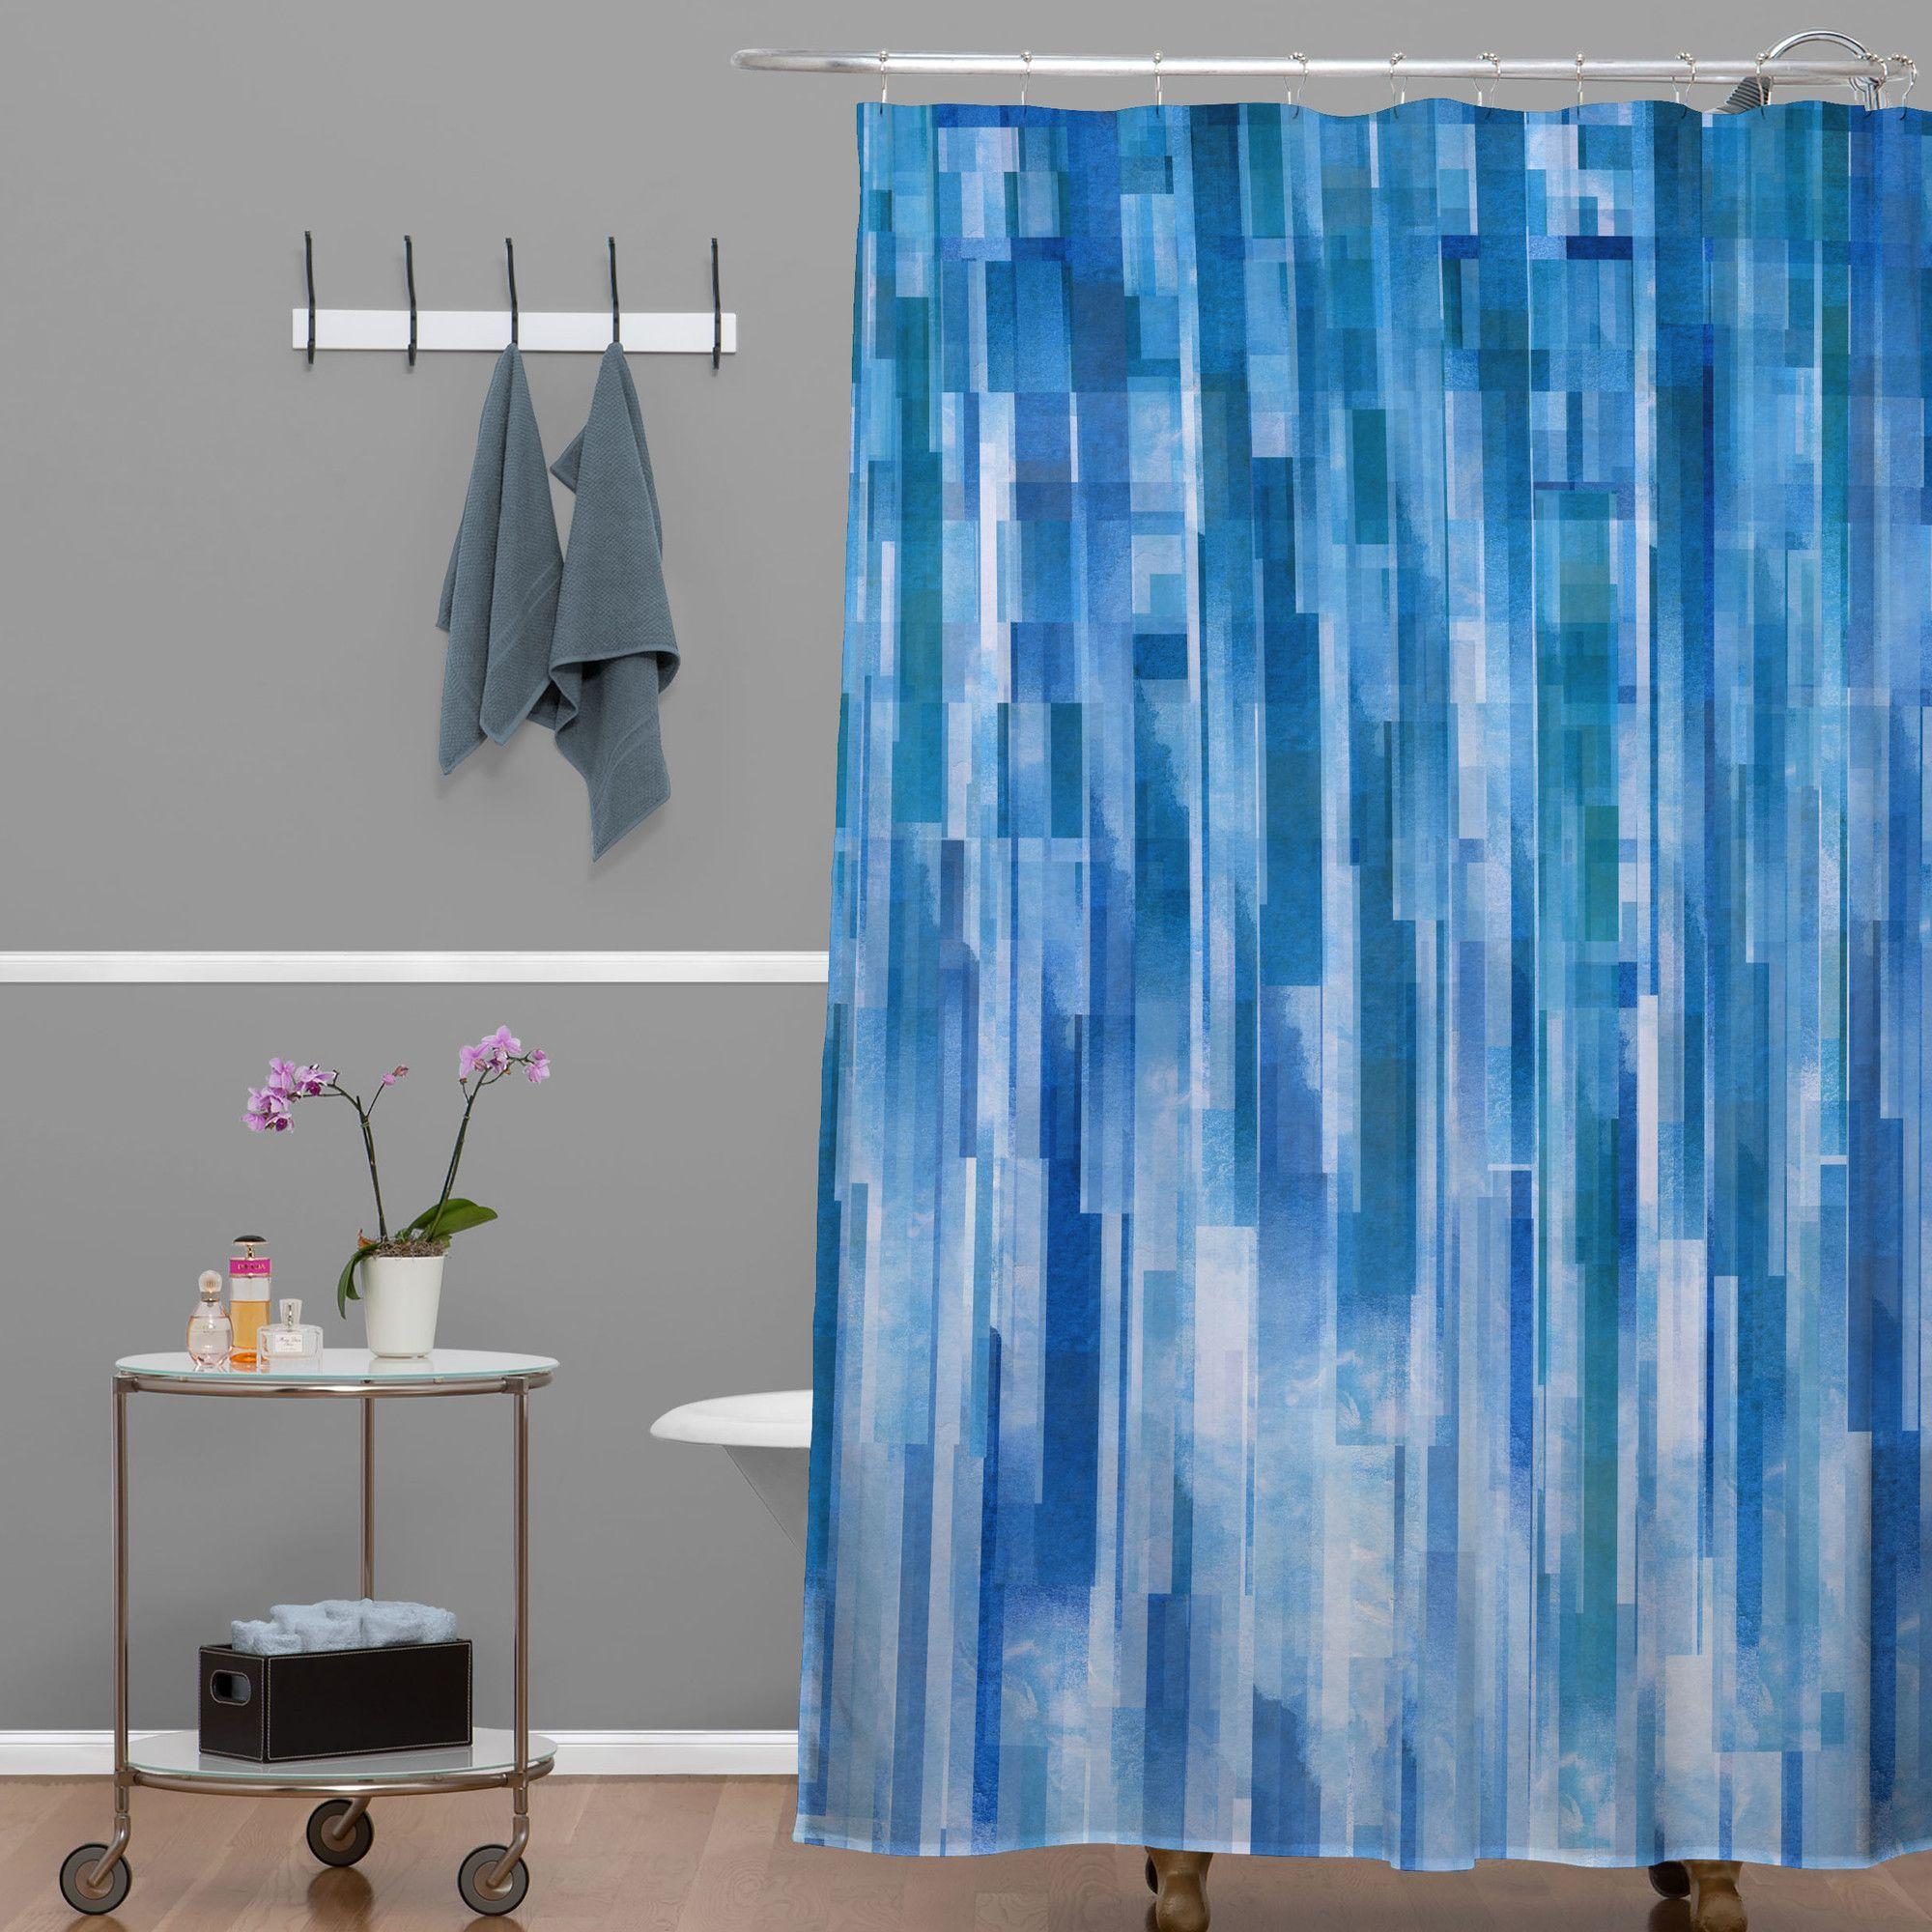 Jacqueline Maldonado Rain Single Shower Curtain Curtains Striped Shower Curtains Diy Molding